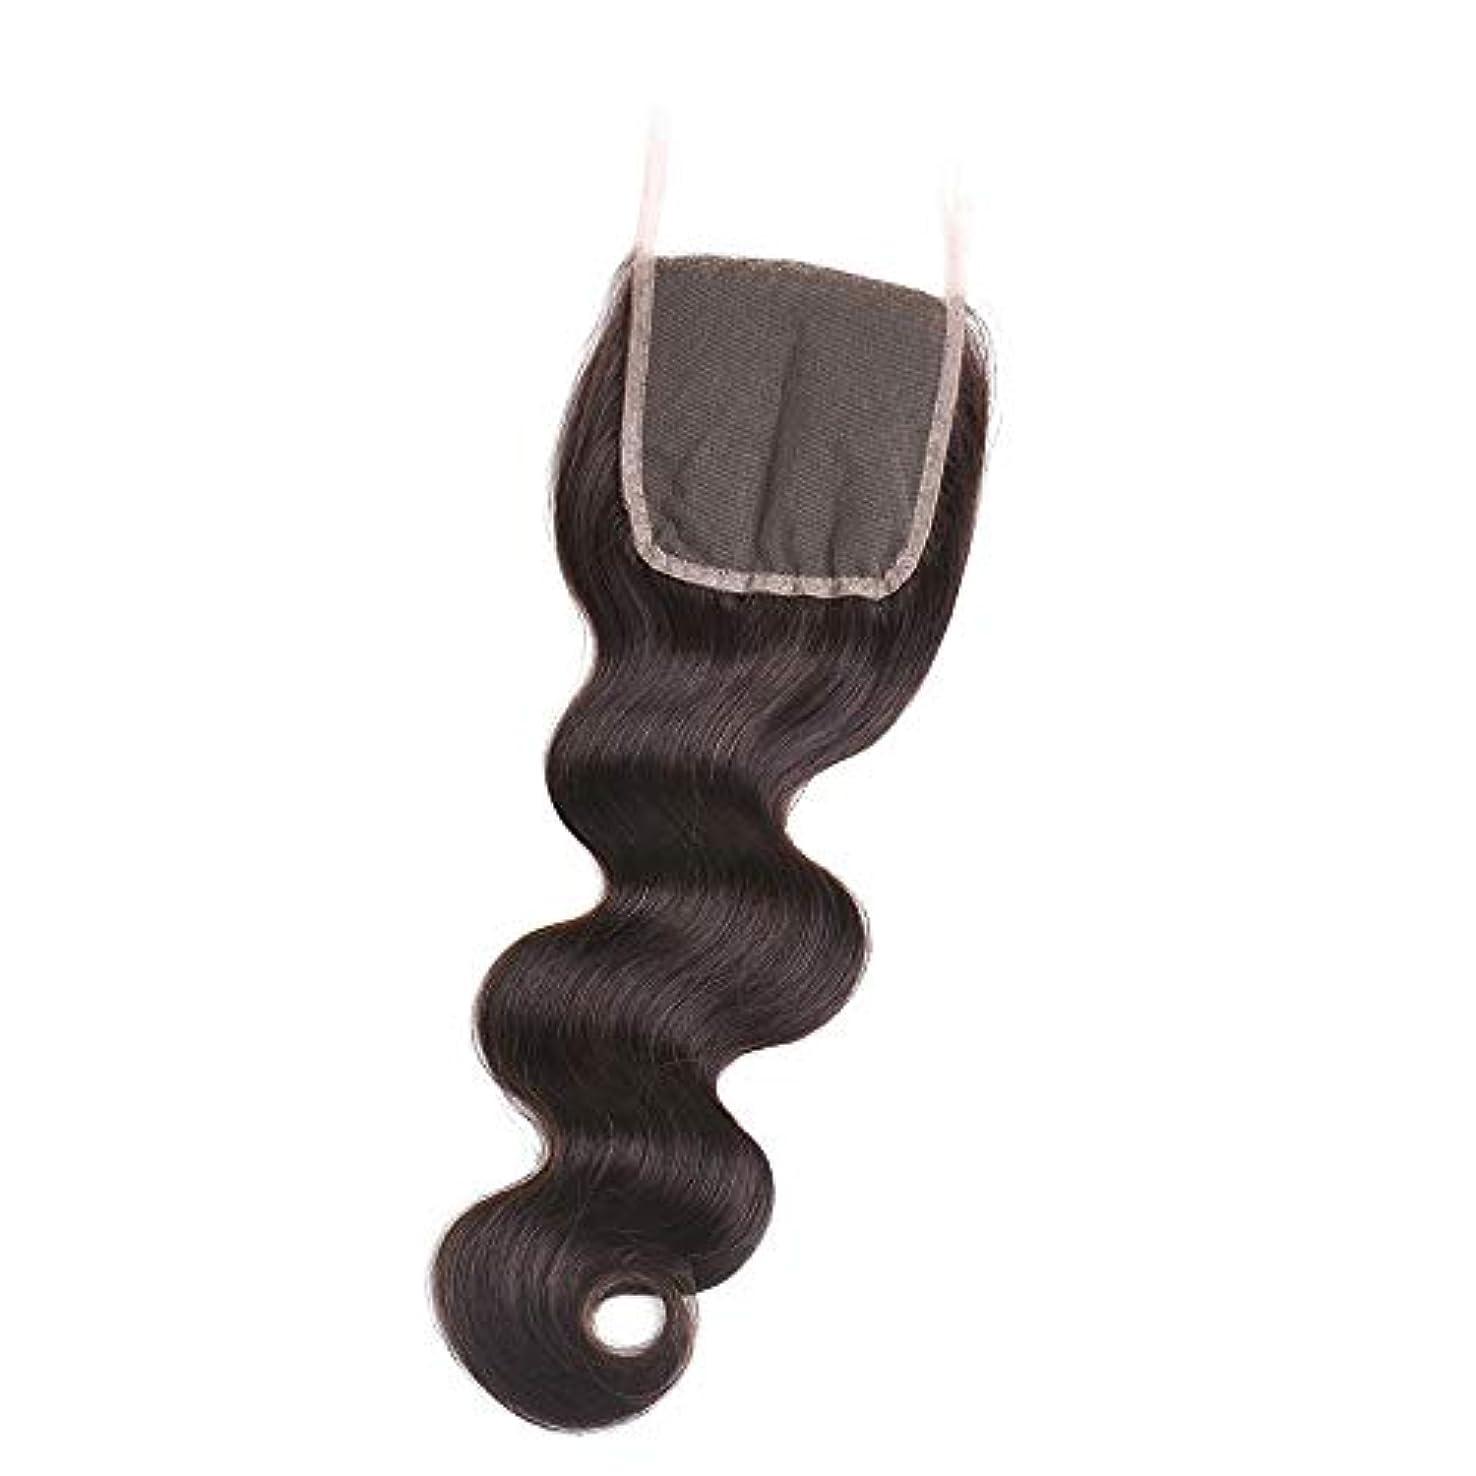 シリアル心配するヤングHOHYLLYA フリーパート4×4インチ実体波レース前頭閉鎖ブラジル人間の髪の毛ロールプレイングかつら女性の自然なかつら (色 : 黒, サイズ : 18 inch)